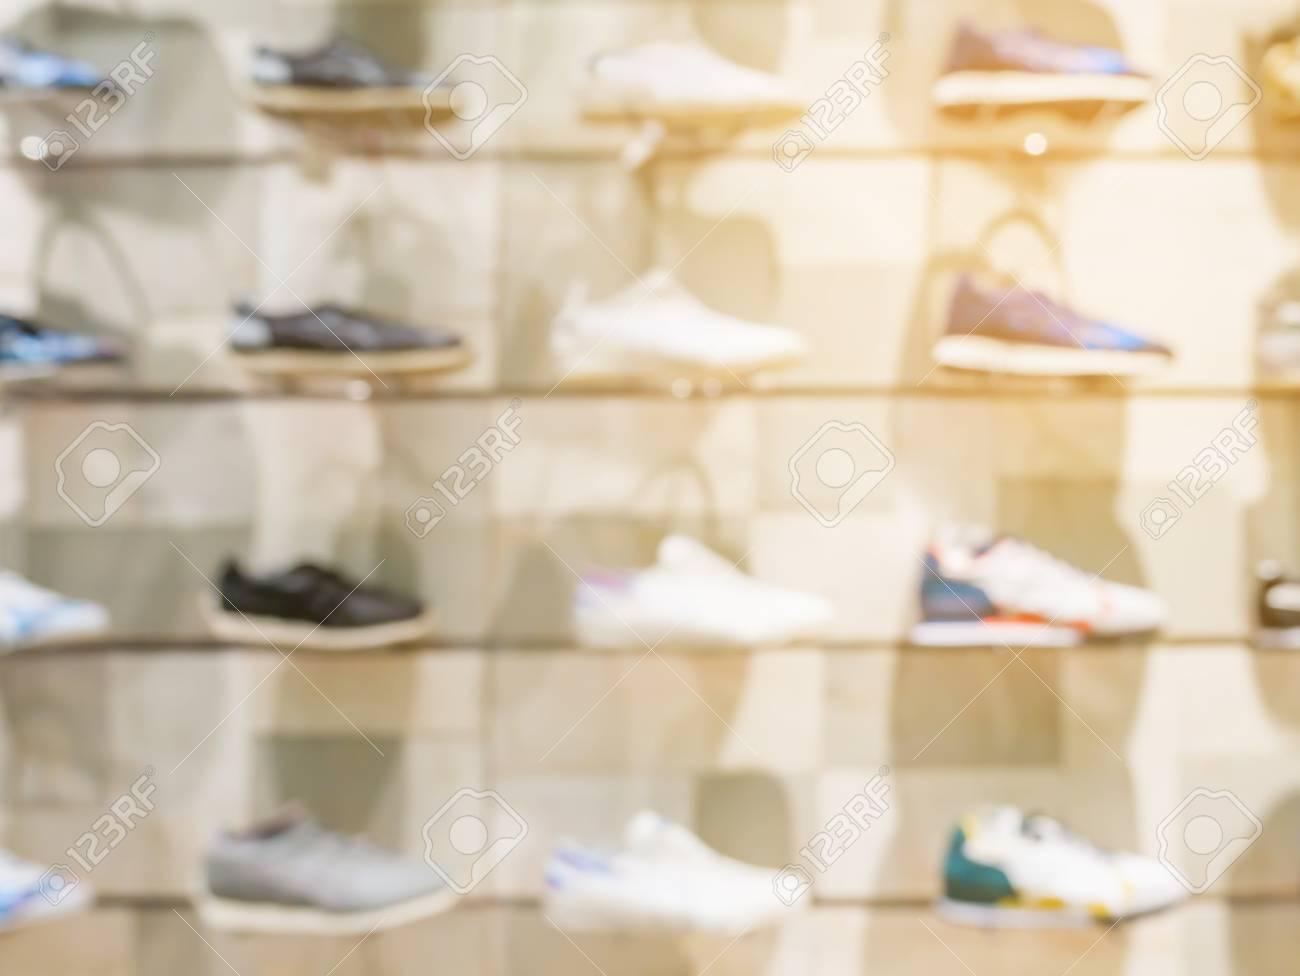 Étagères De Sur Les Magasin Dans Sport Le Chaussures wOgIUx